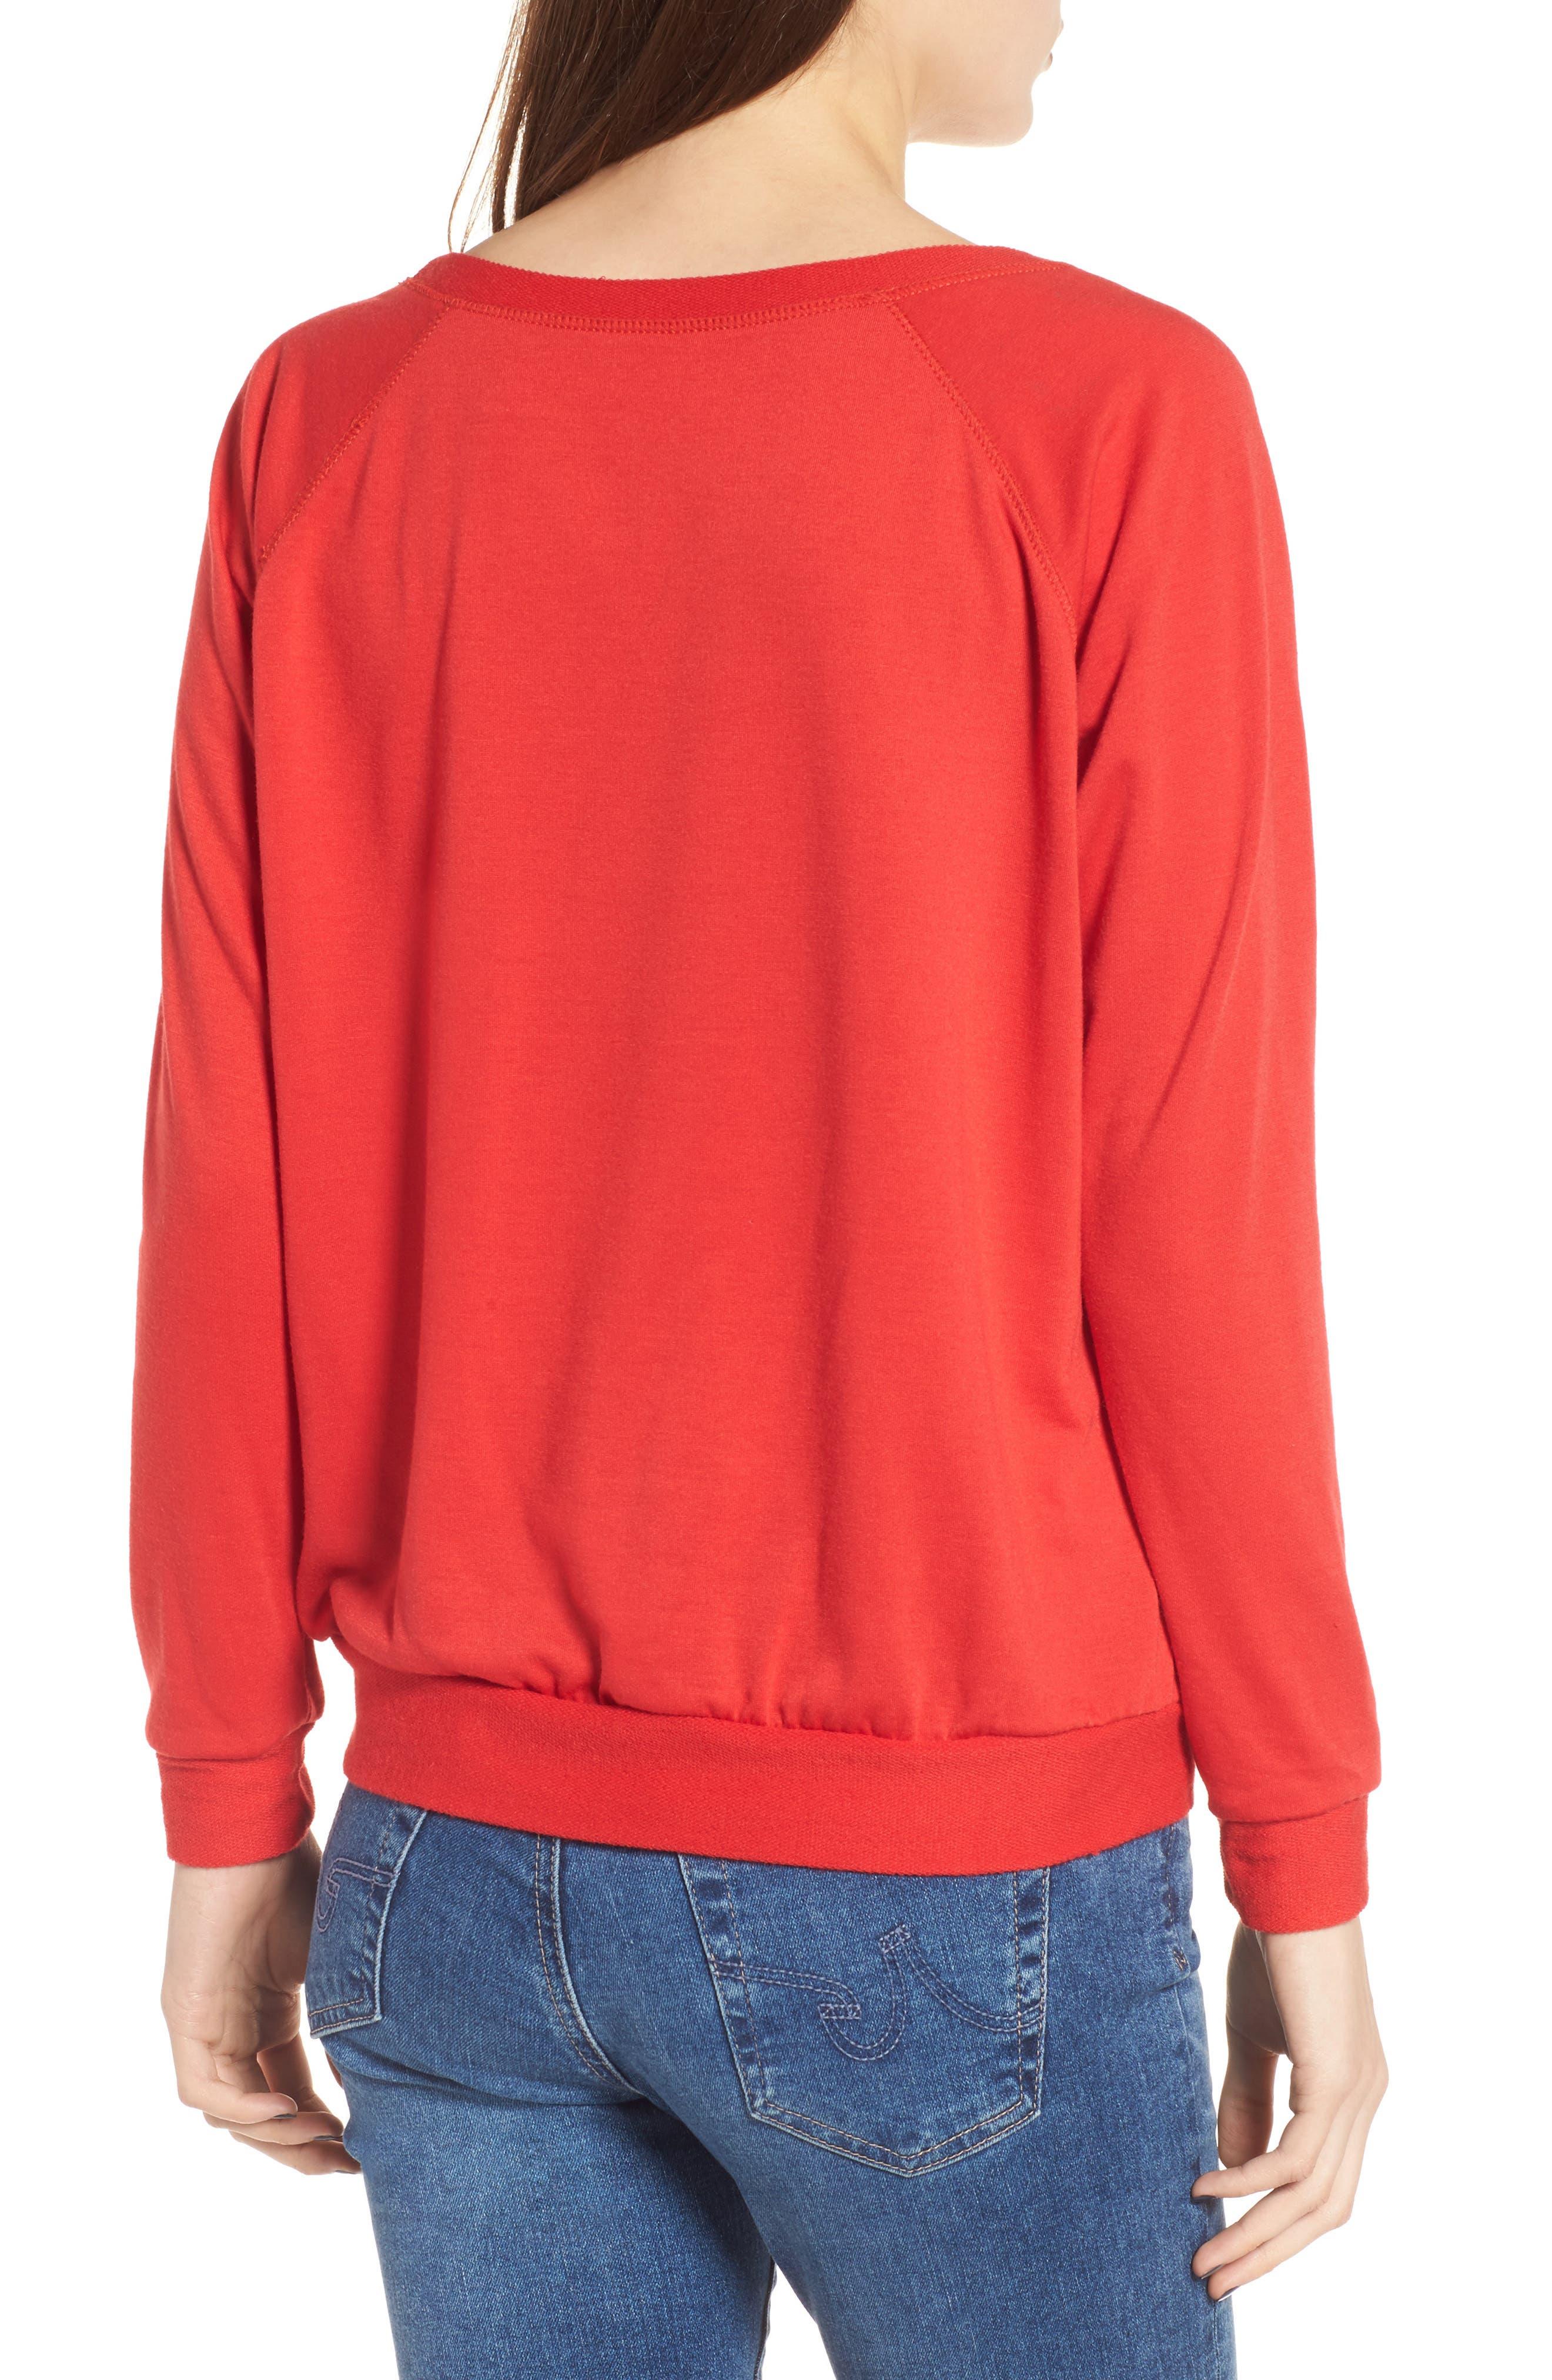 Let's Get Blitzen Sweatshirt,                             Alternate thumbnail 2, color,                             600